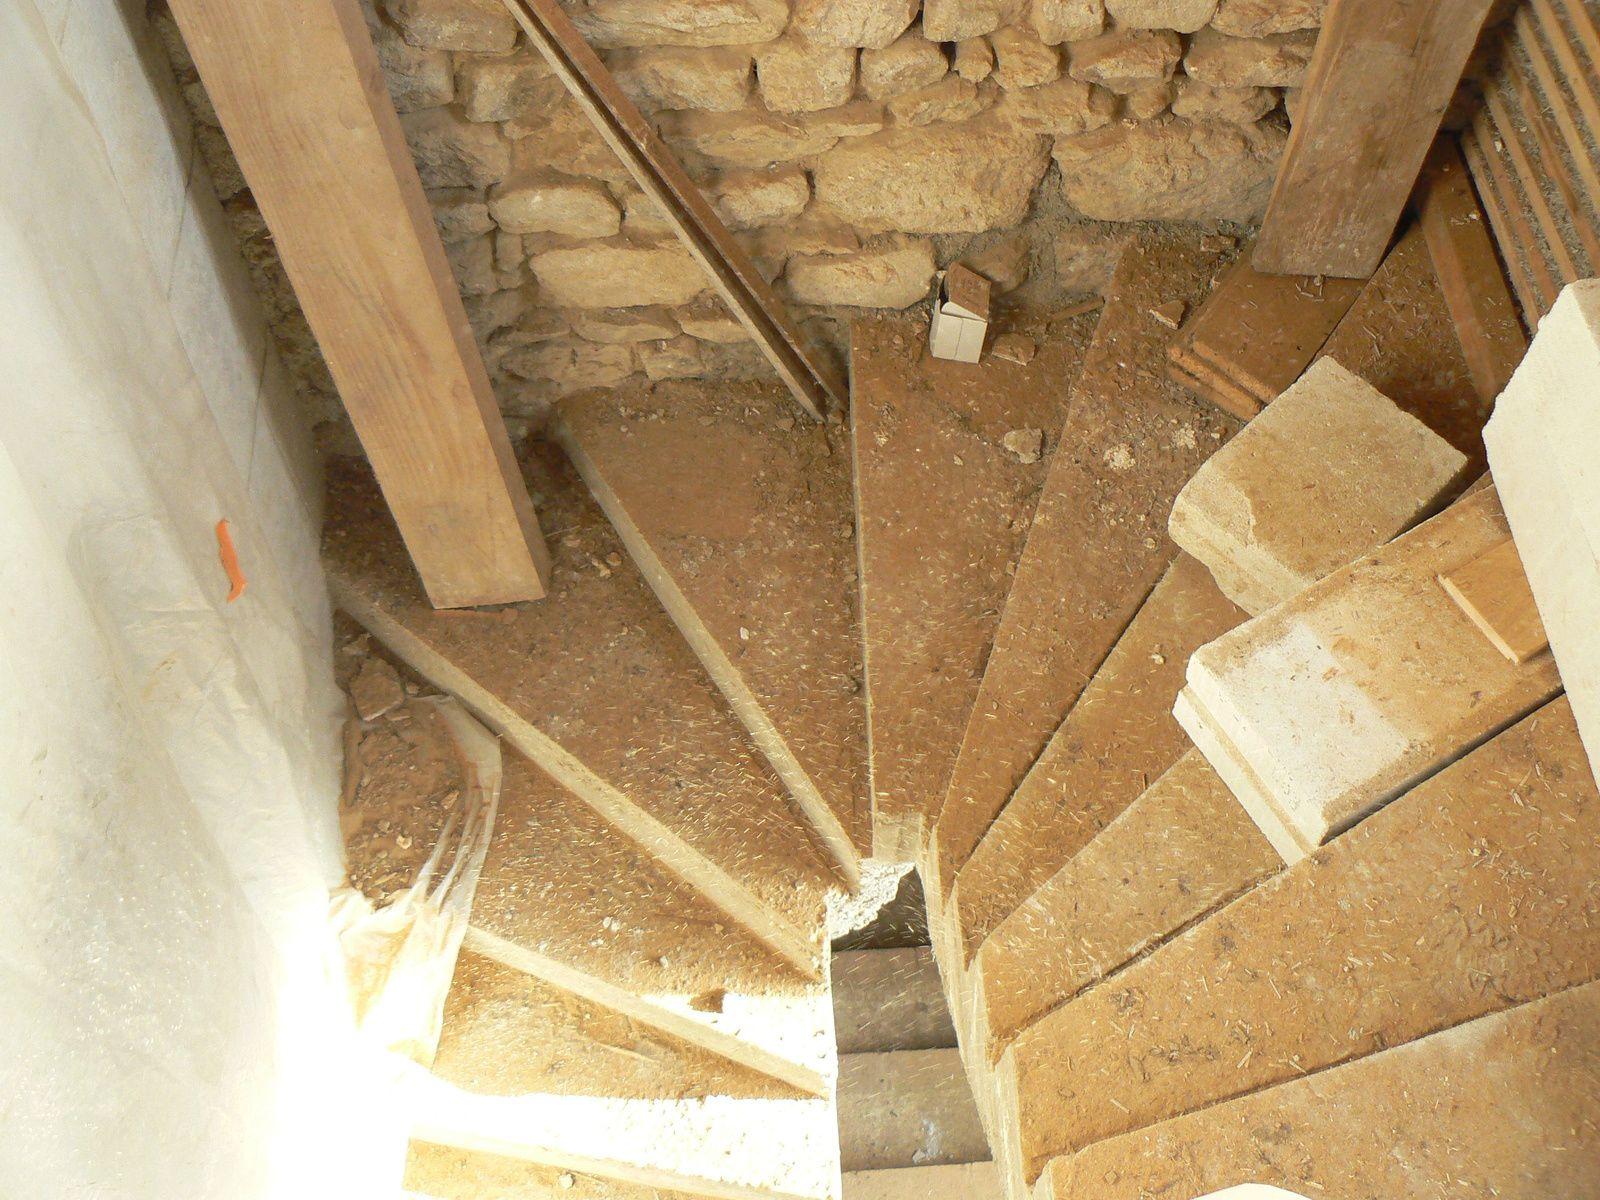 Plancher du deuxième étage: suite